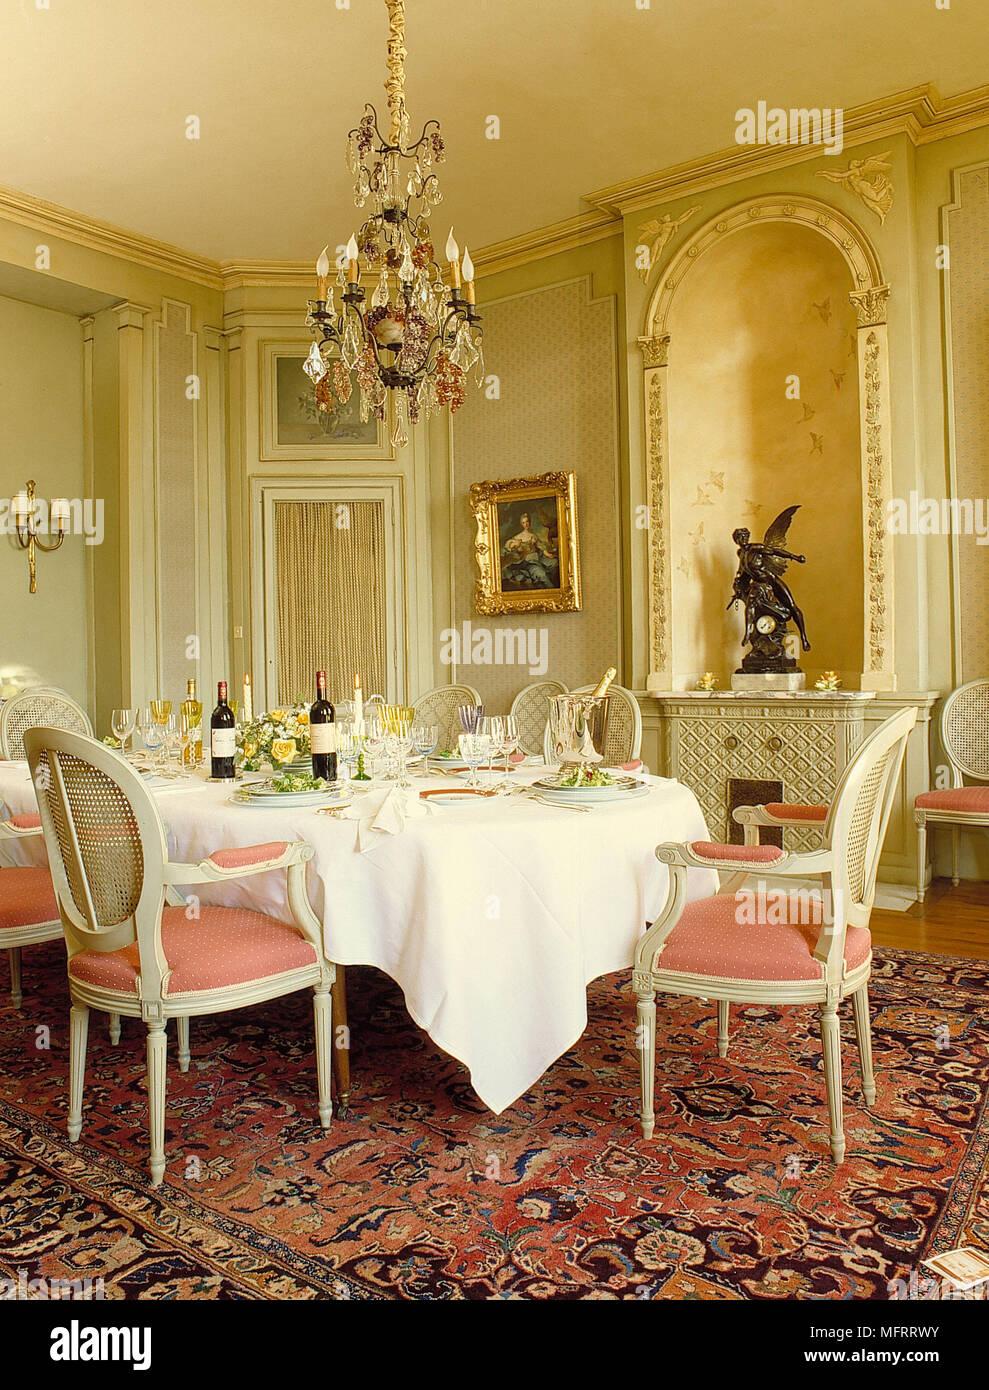 Chandelier Longue Table Et Chaises Capitonnees En Salle A Manger